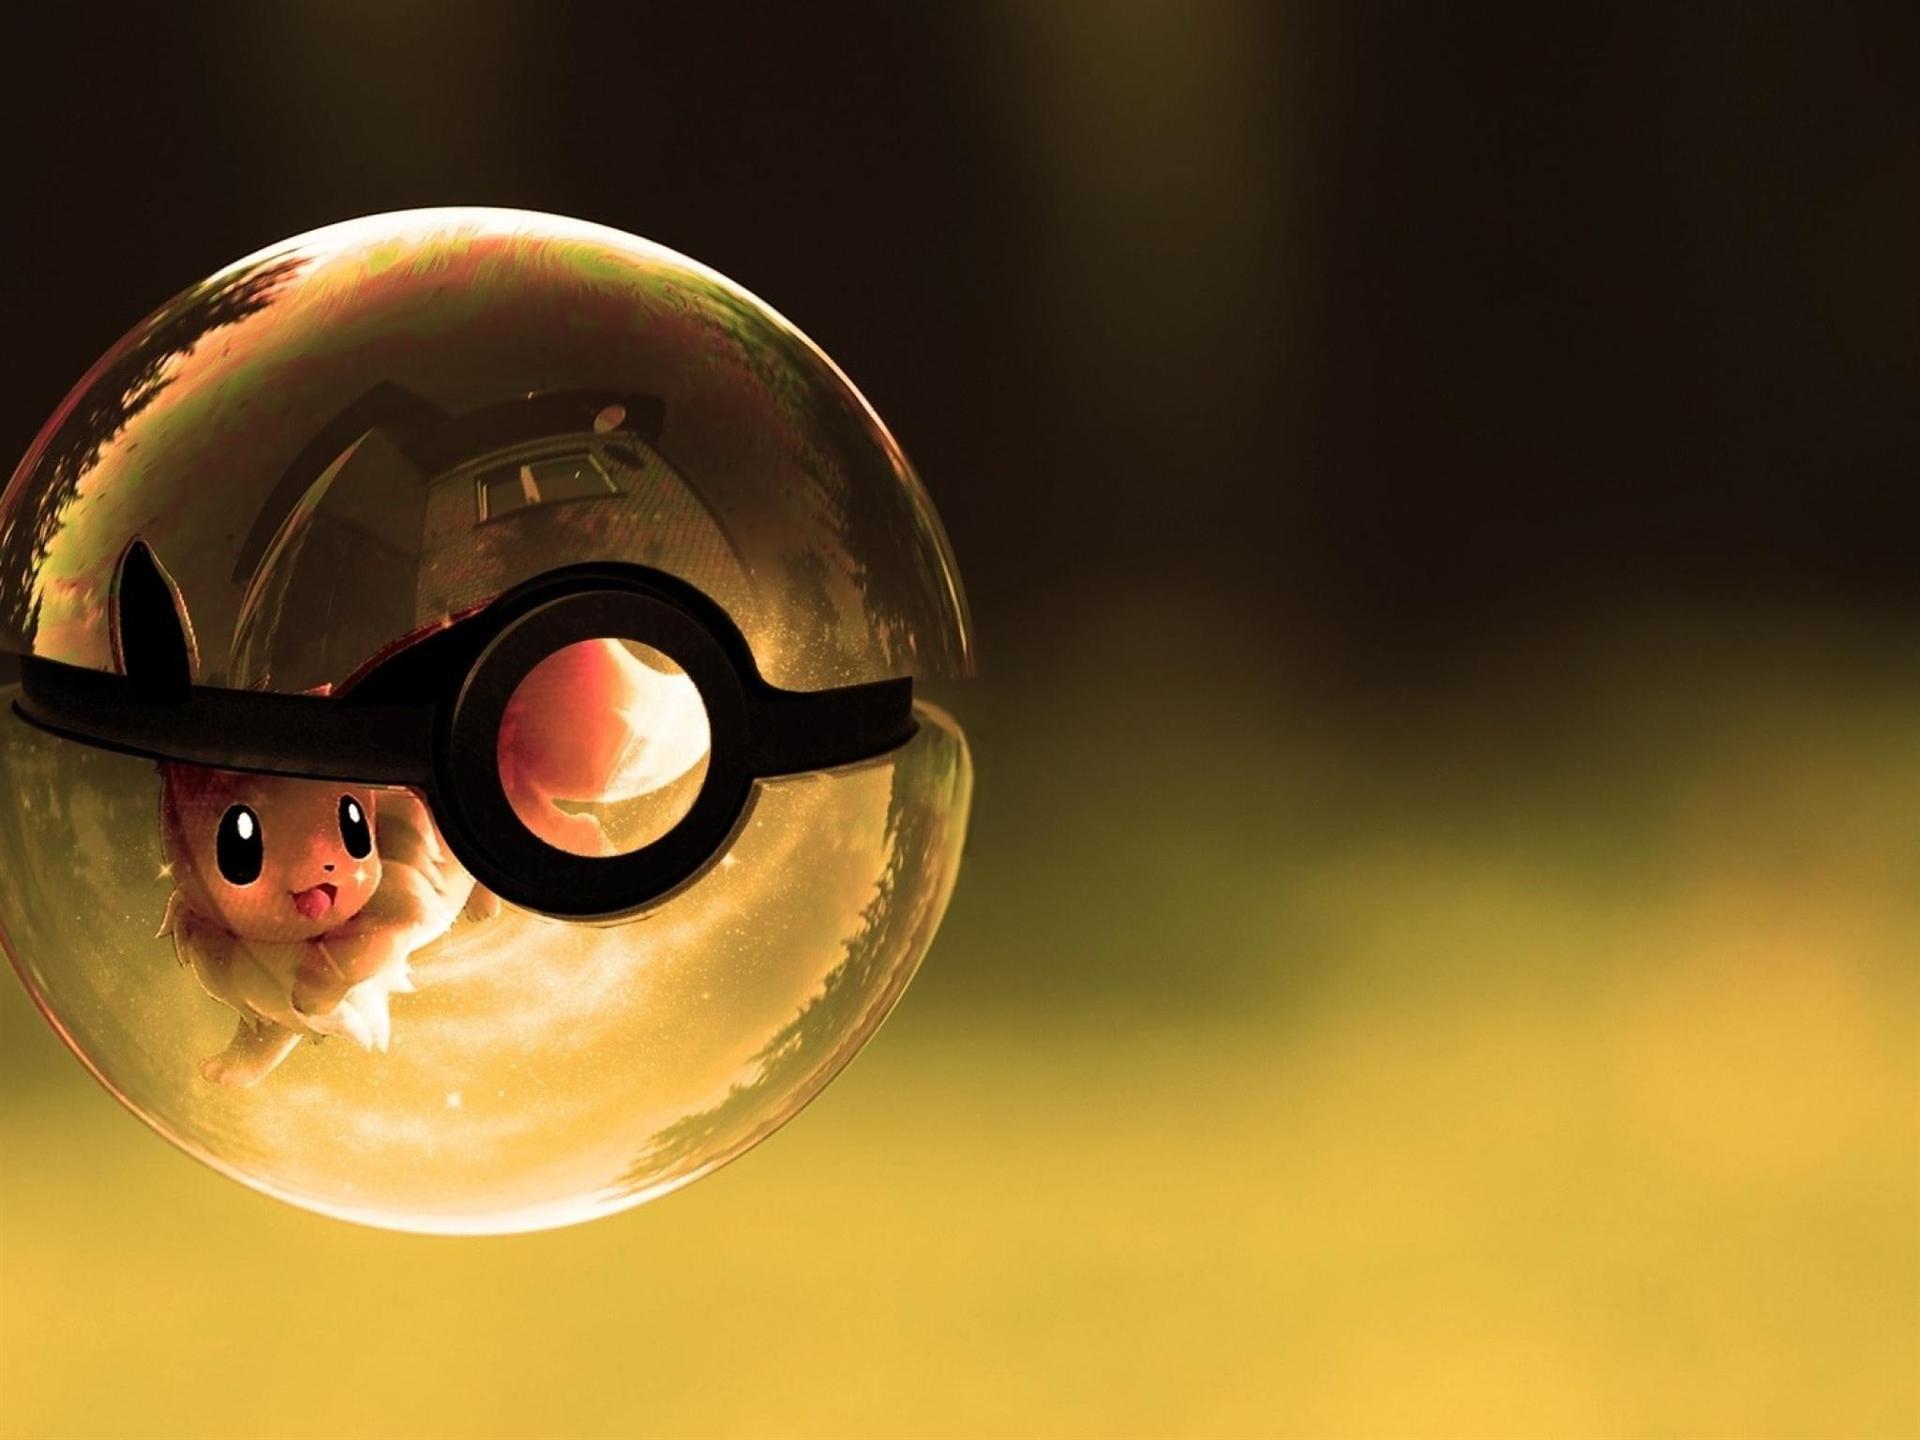 pokemon wallpaper in hd - photo #39